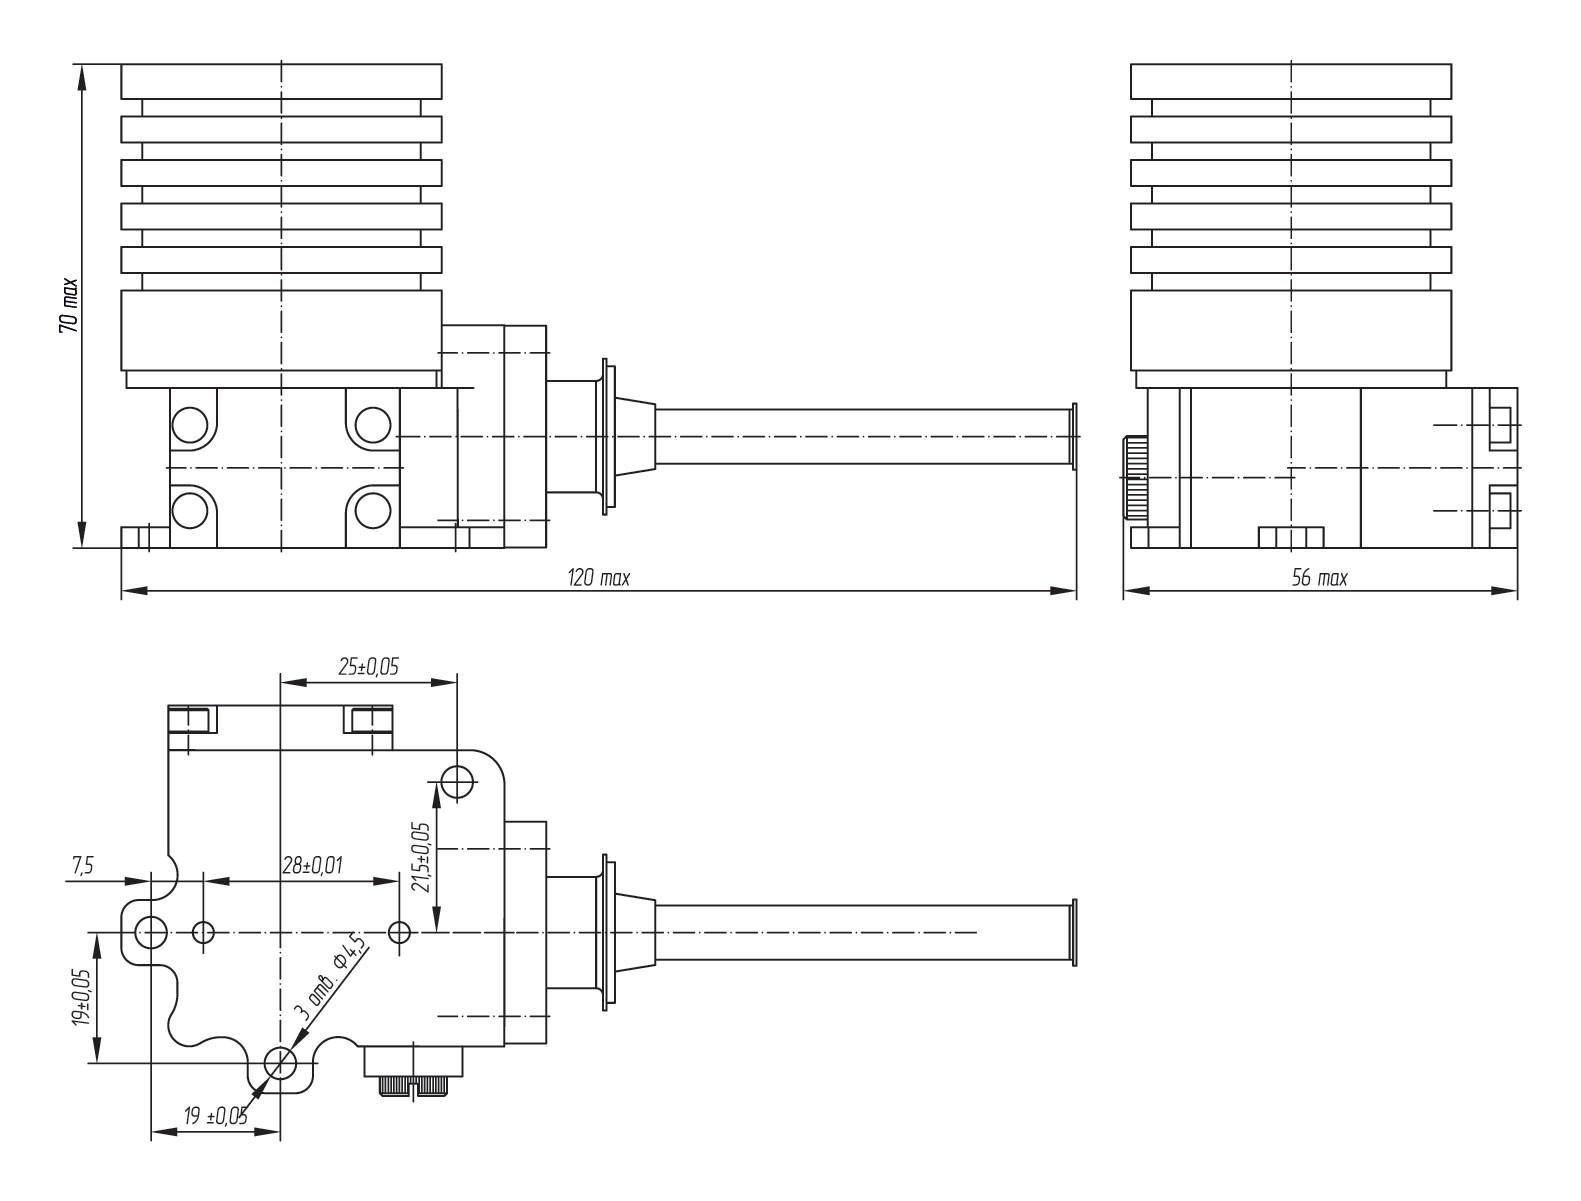 Габаритный чертеж микрокриогенной системы АСТРОН-МКС500